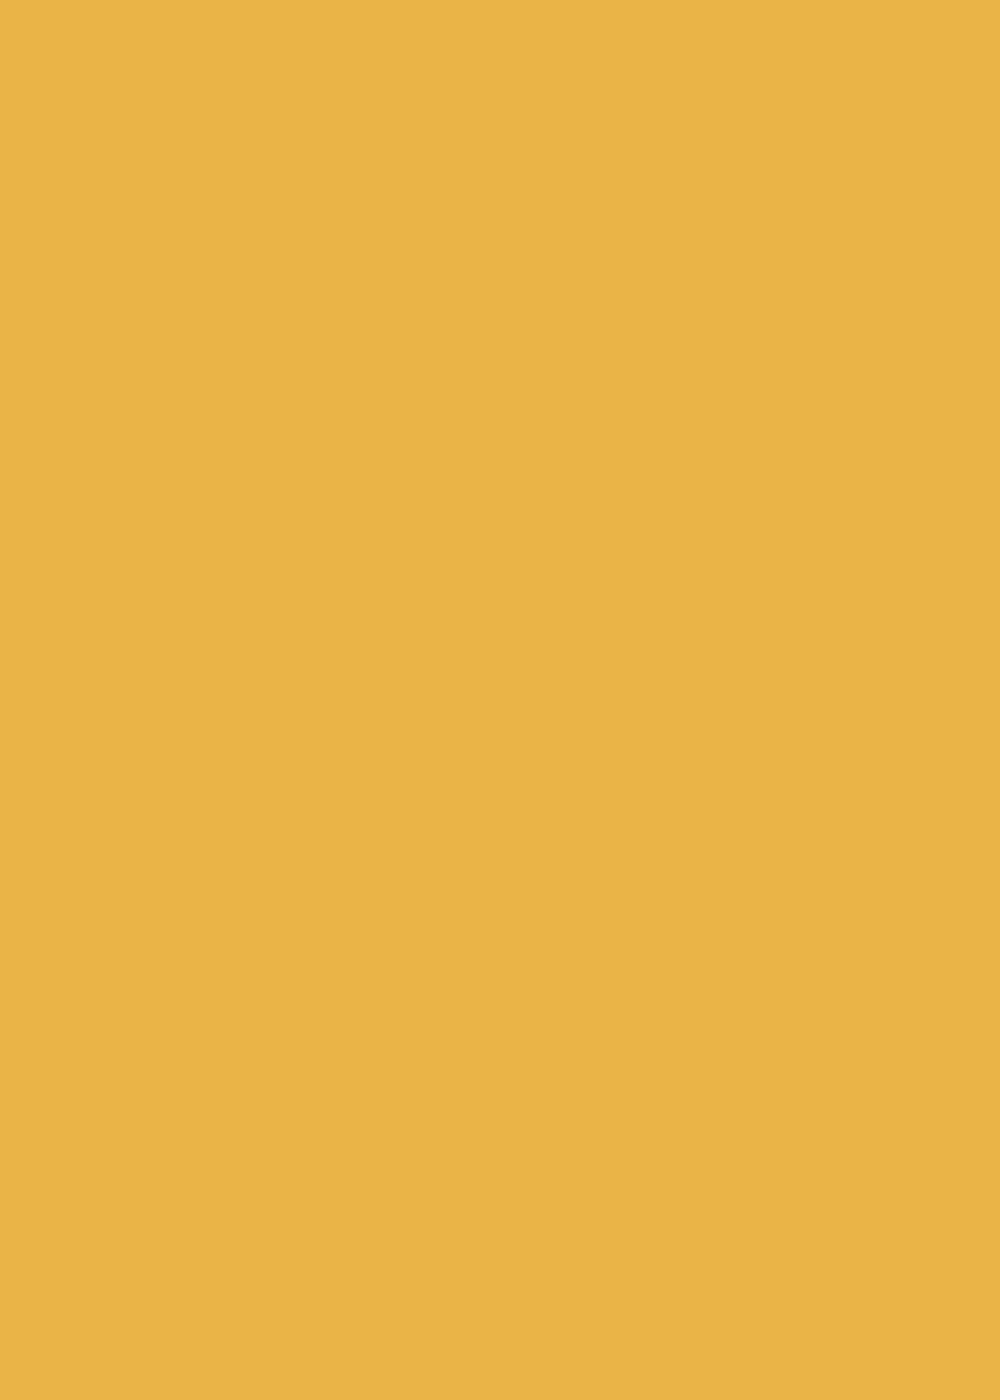 Meterware Klebefolie Uni senf